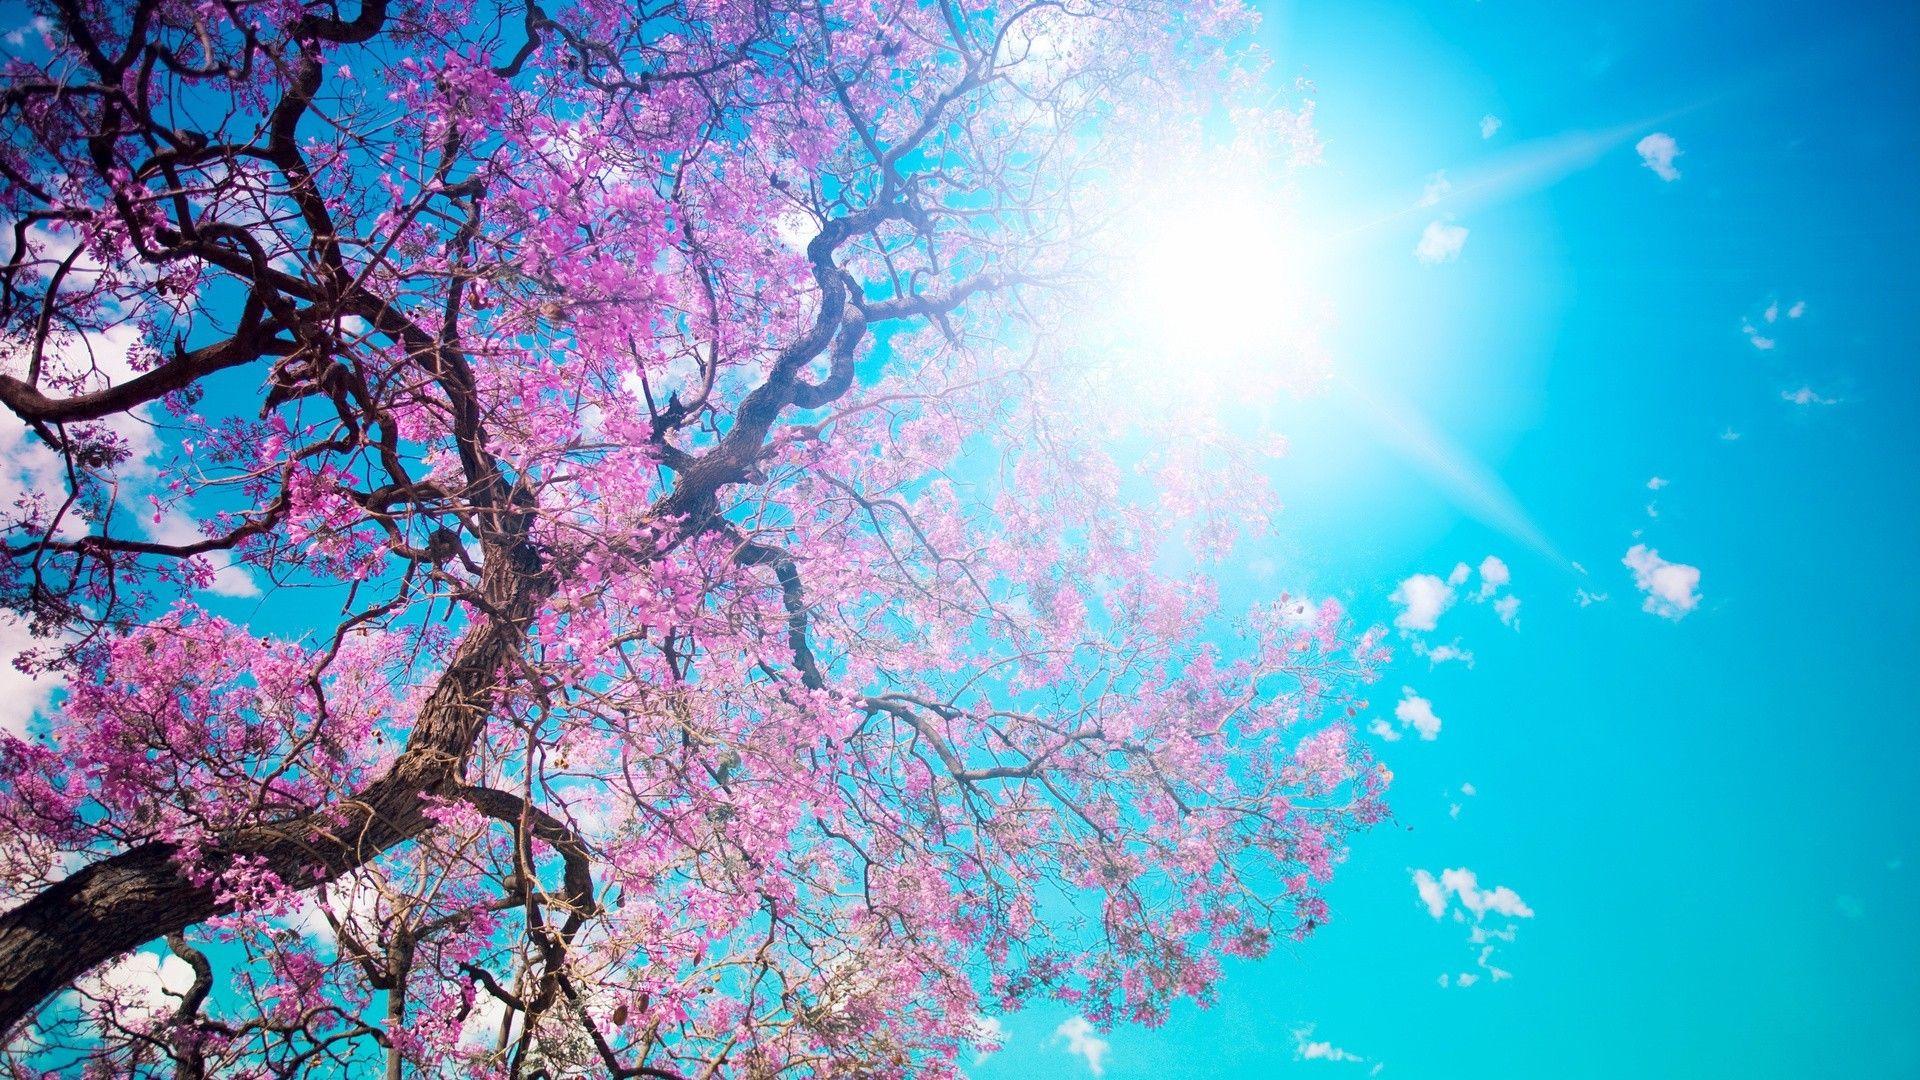 خلفيات للكمبيوتر 2018 بجودة عالية Tecnologis Spring Desktop Wallpaper Spring Wallpaper Nature Wallpaper